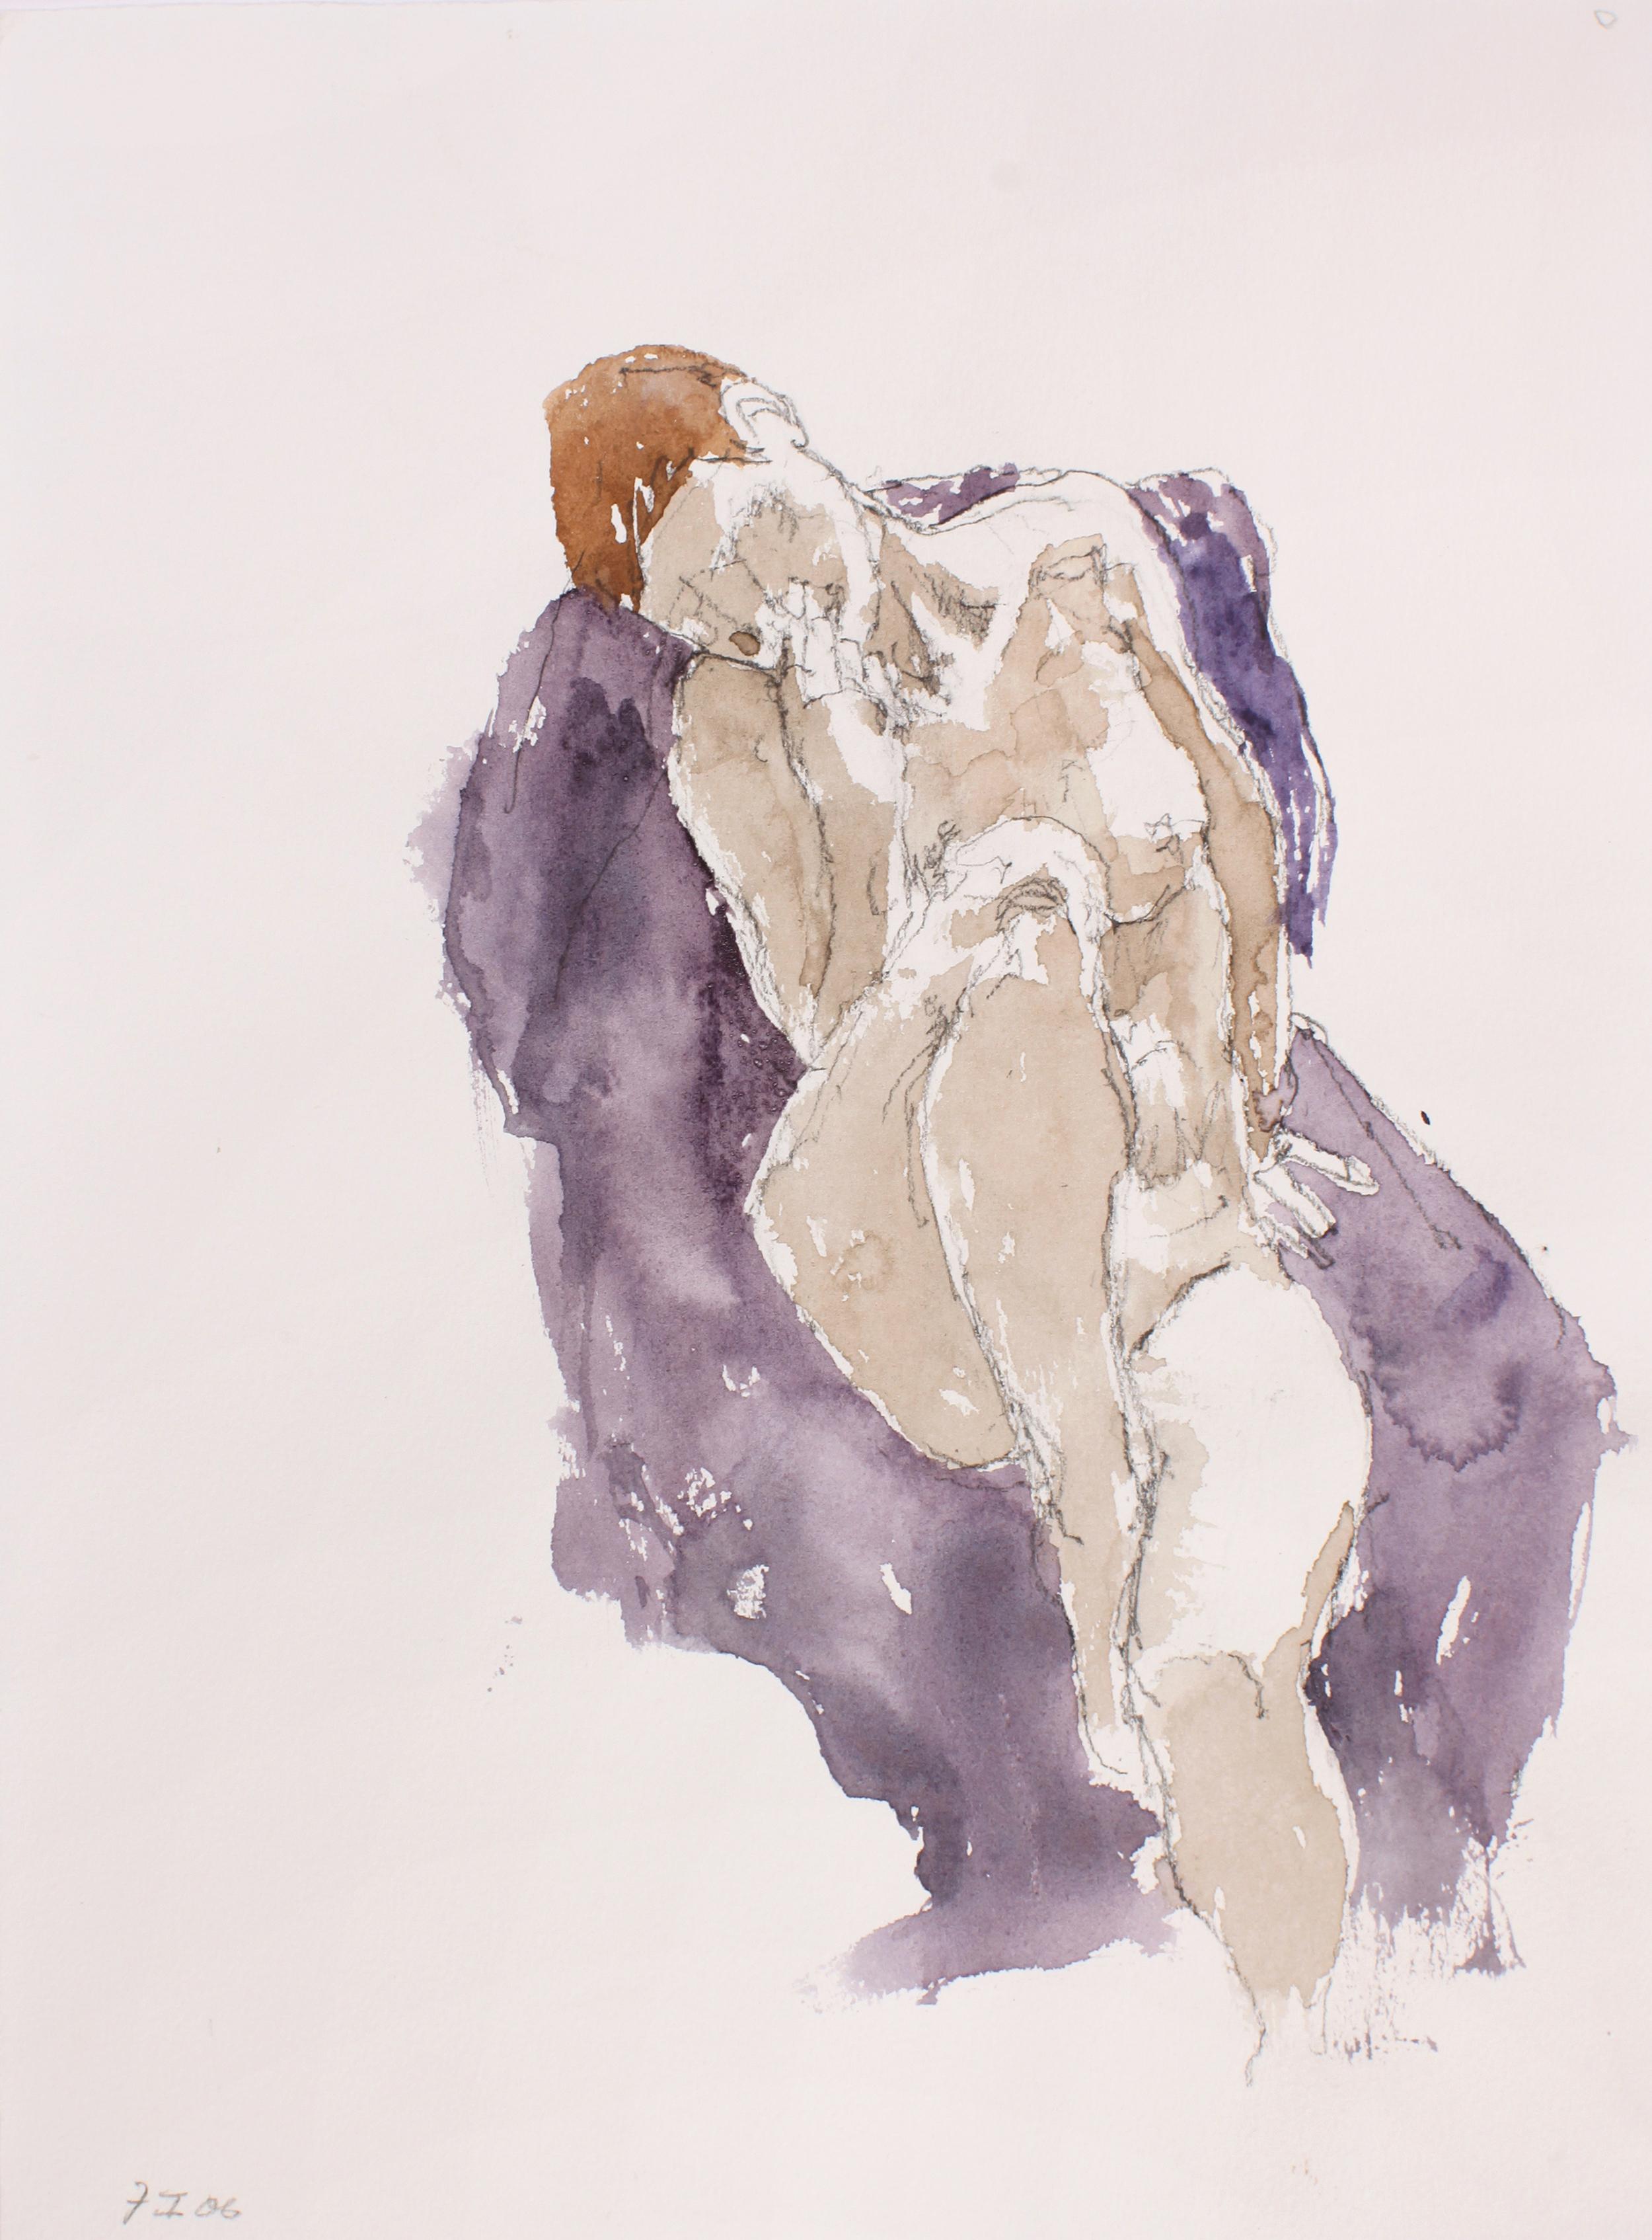 Seated Nude with Raised Leg on Mauve Cloth